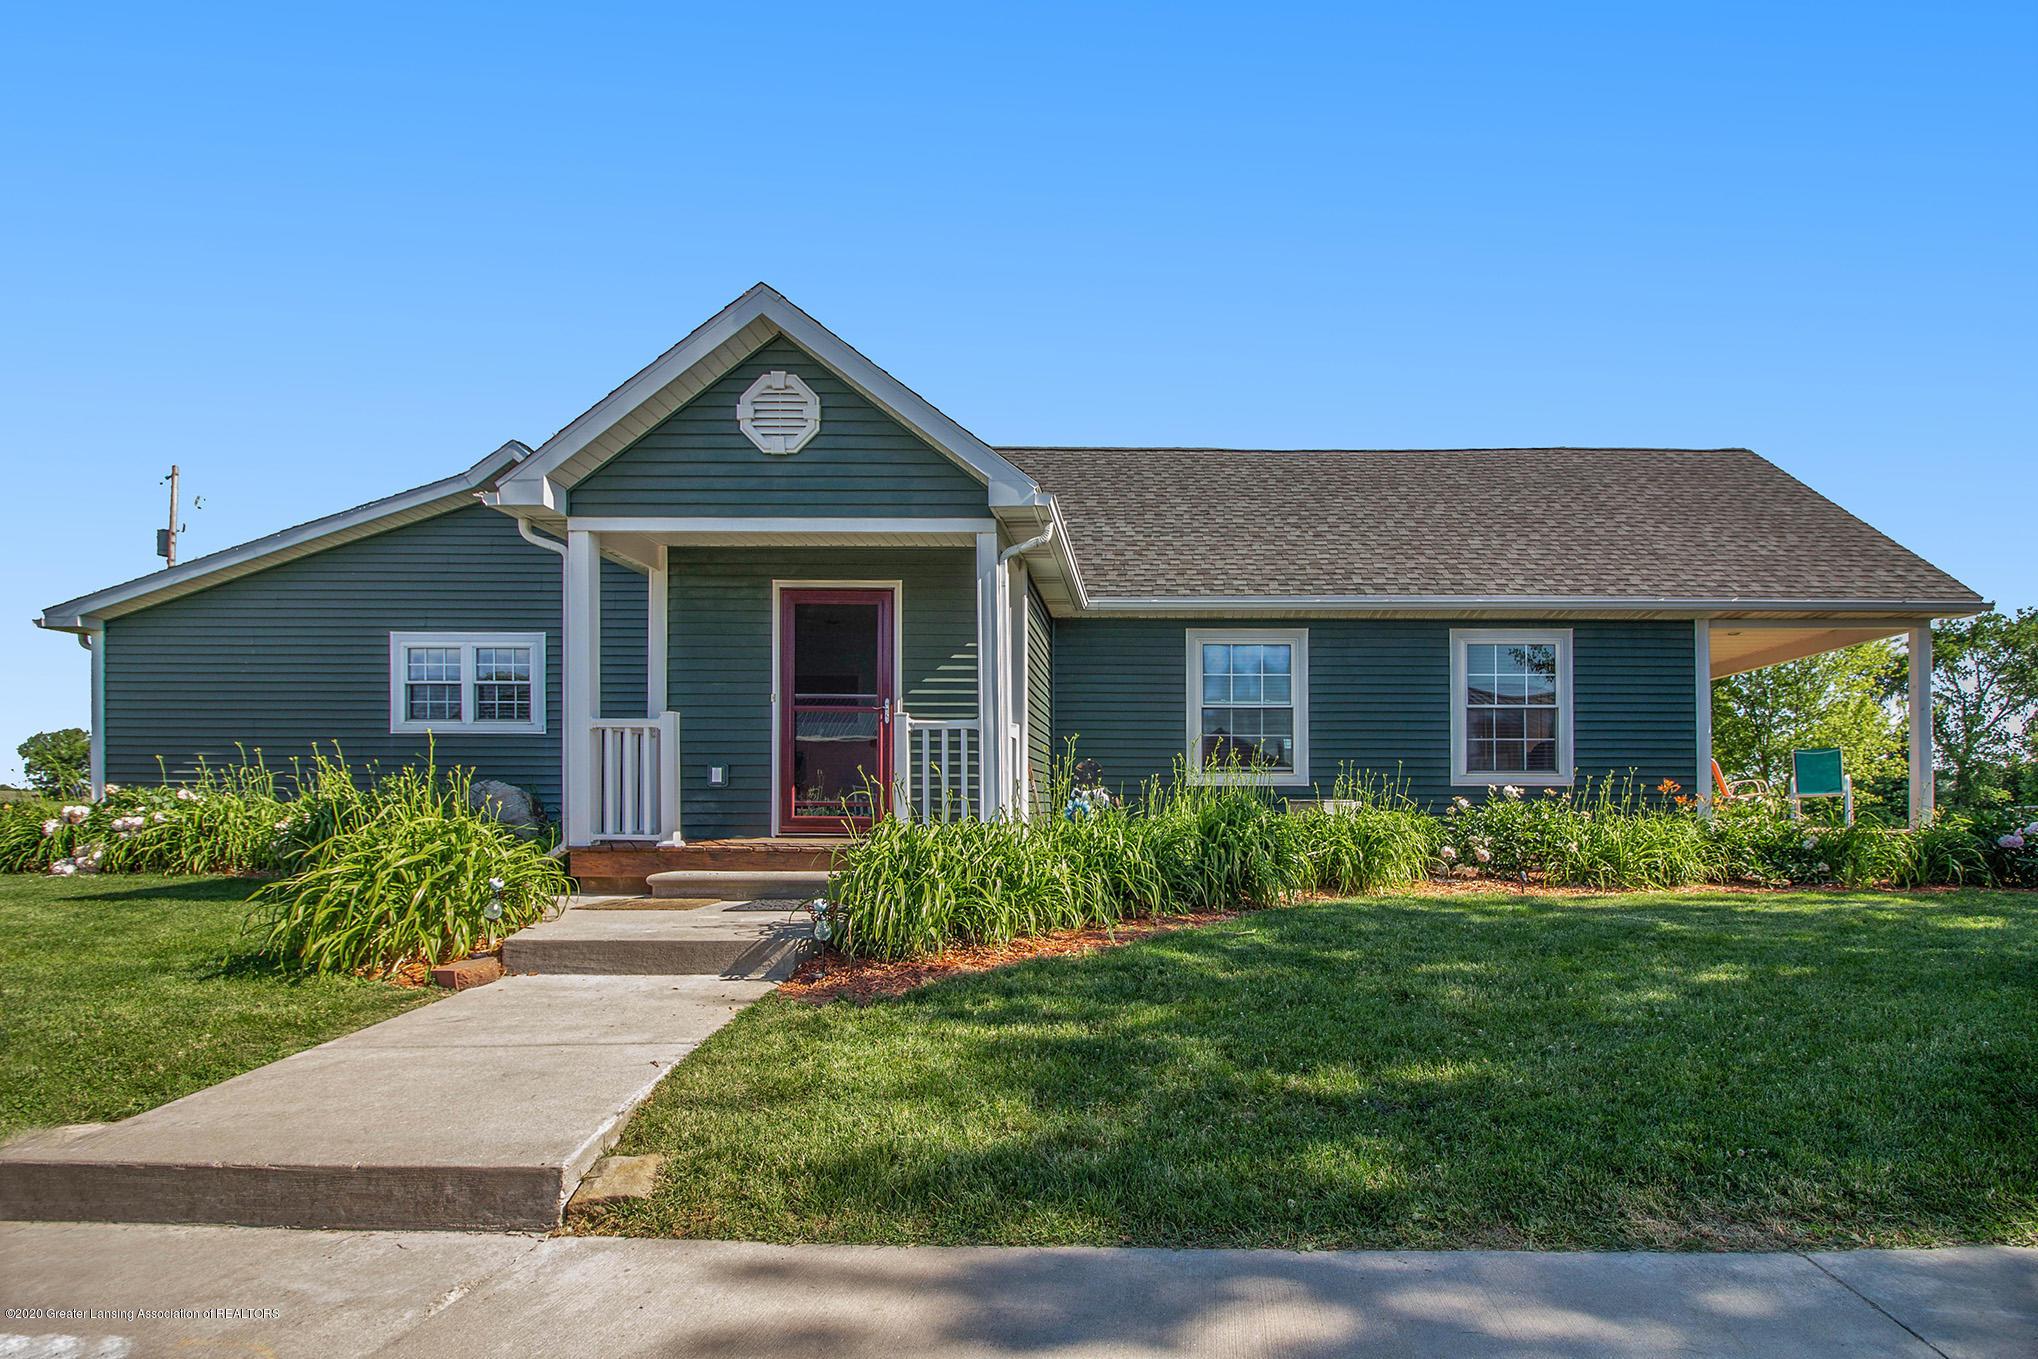 2055 Tuttle Rd - 2 Front Door House - 3